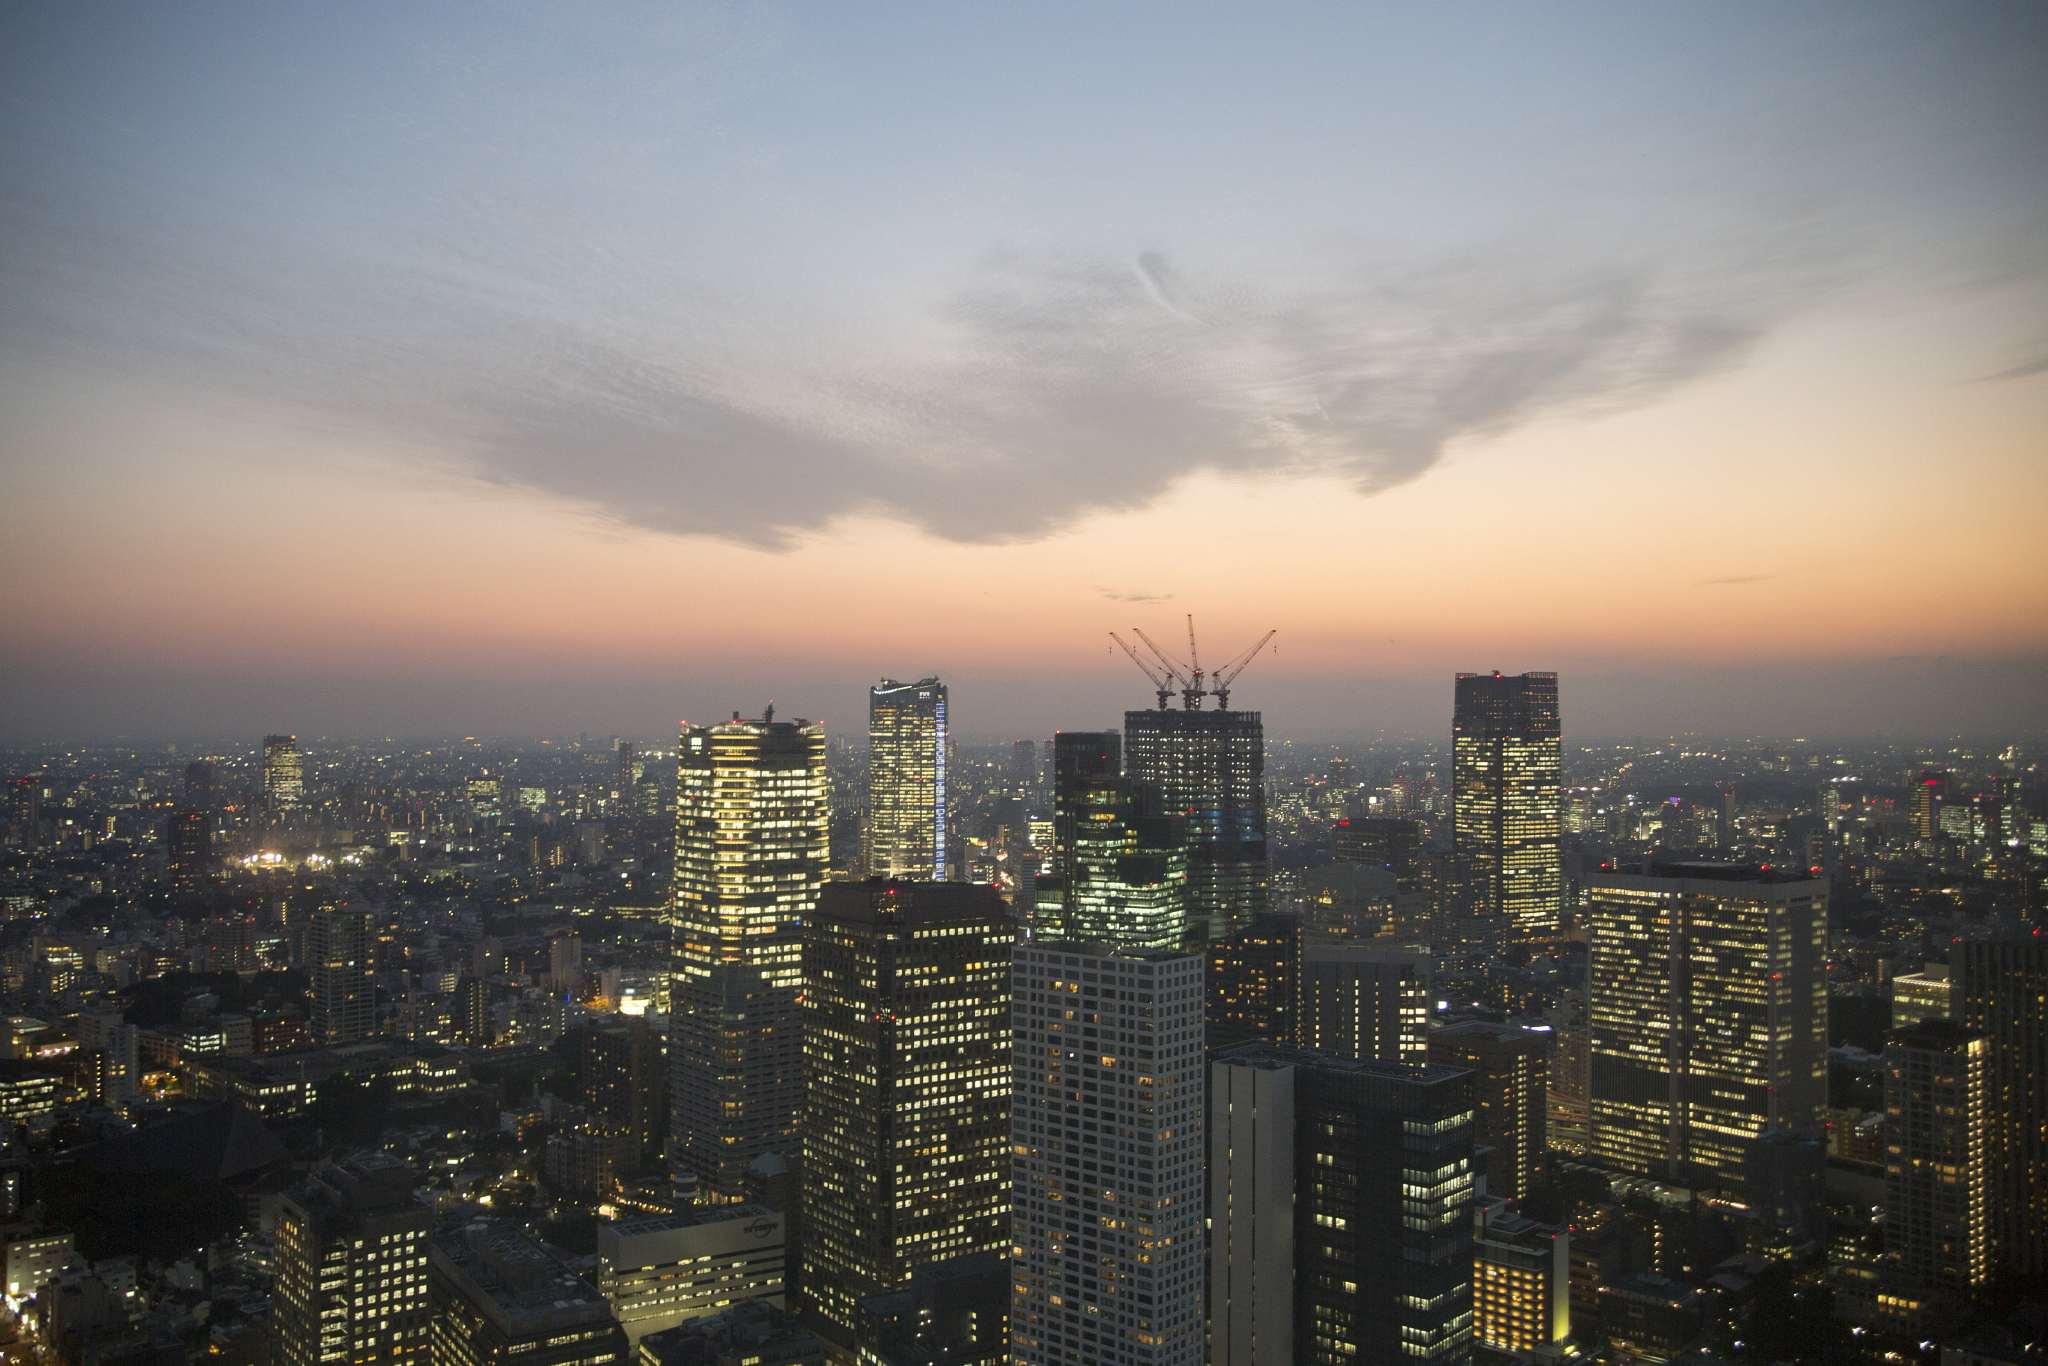 Tokyo skyline at sundown